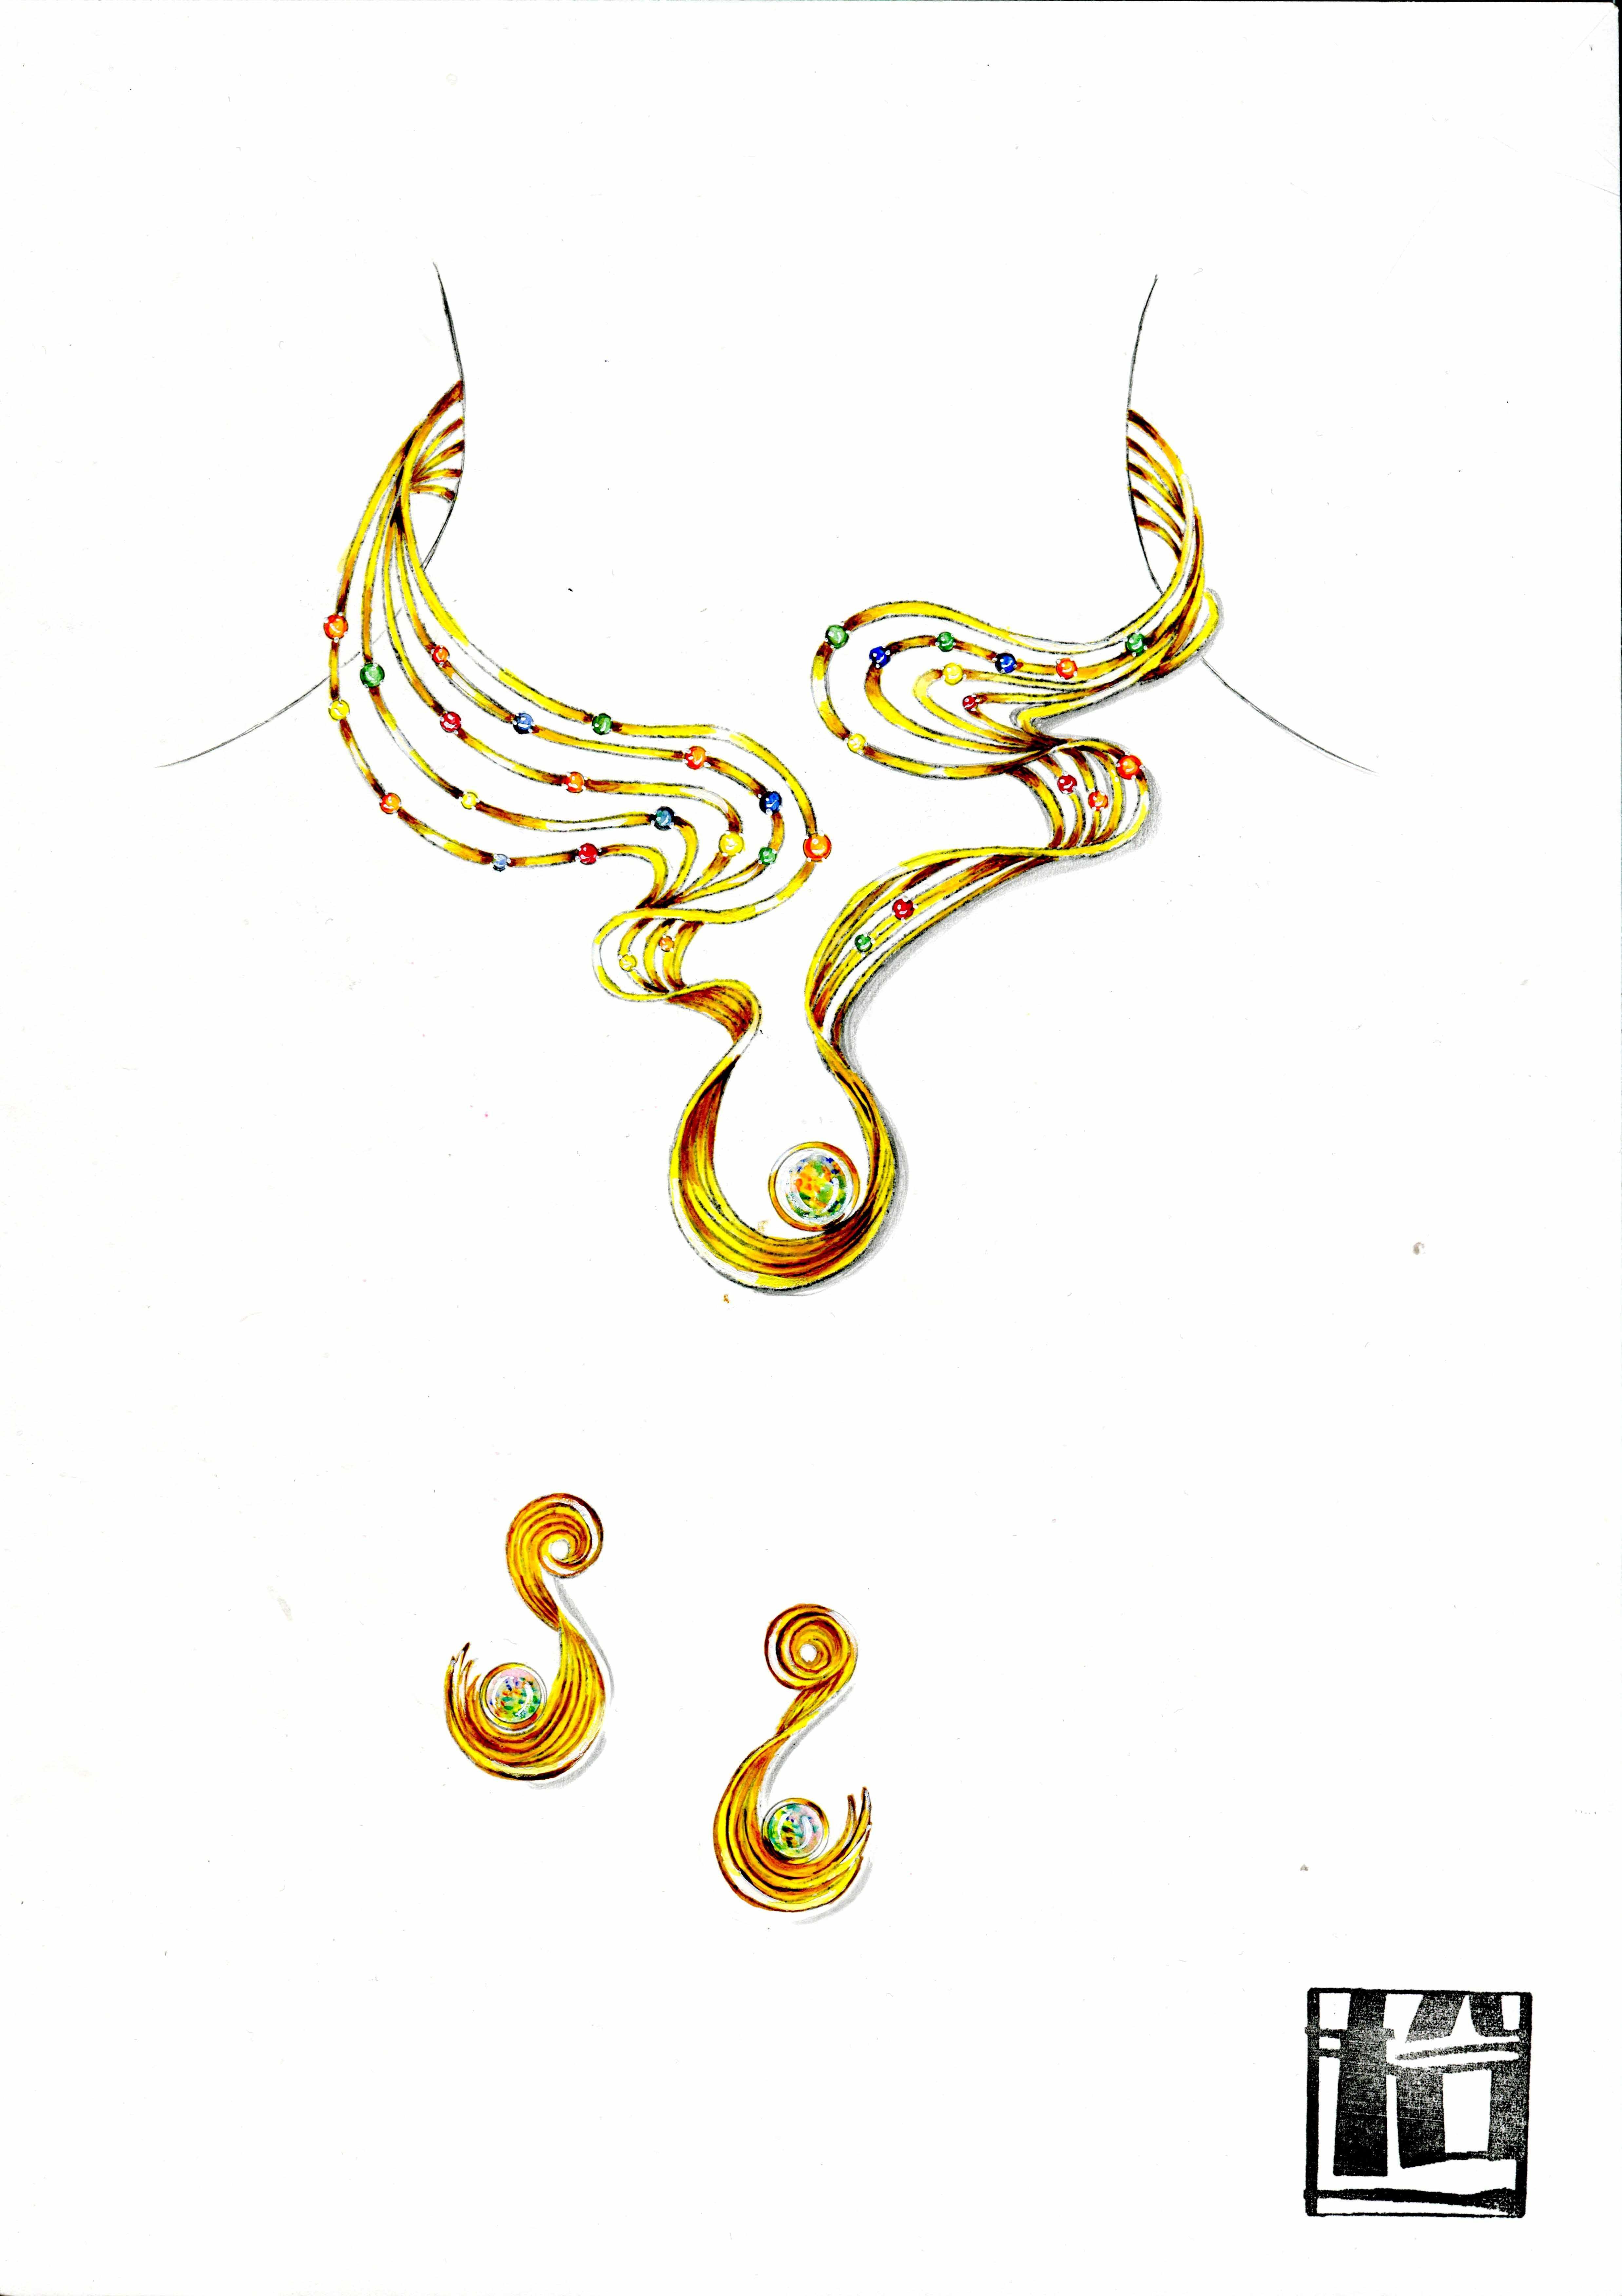 缤彩纷呈:珠宝学院学生首饰设计作品欣赏